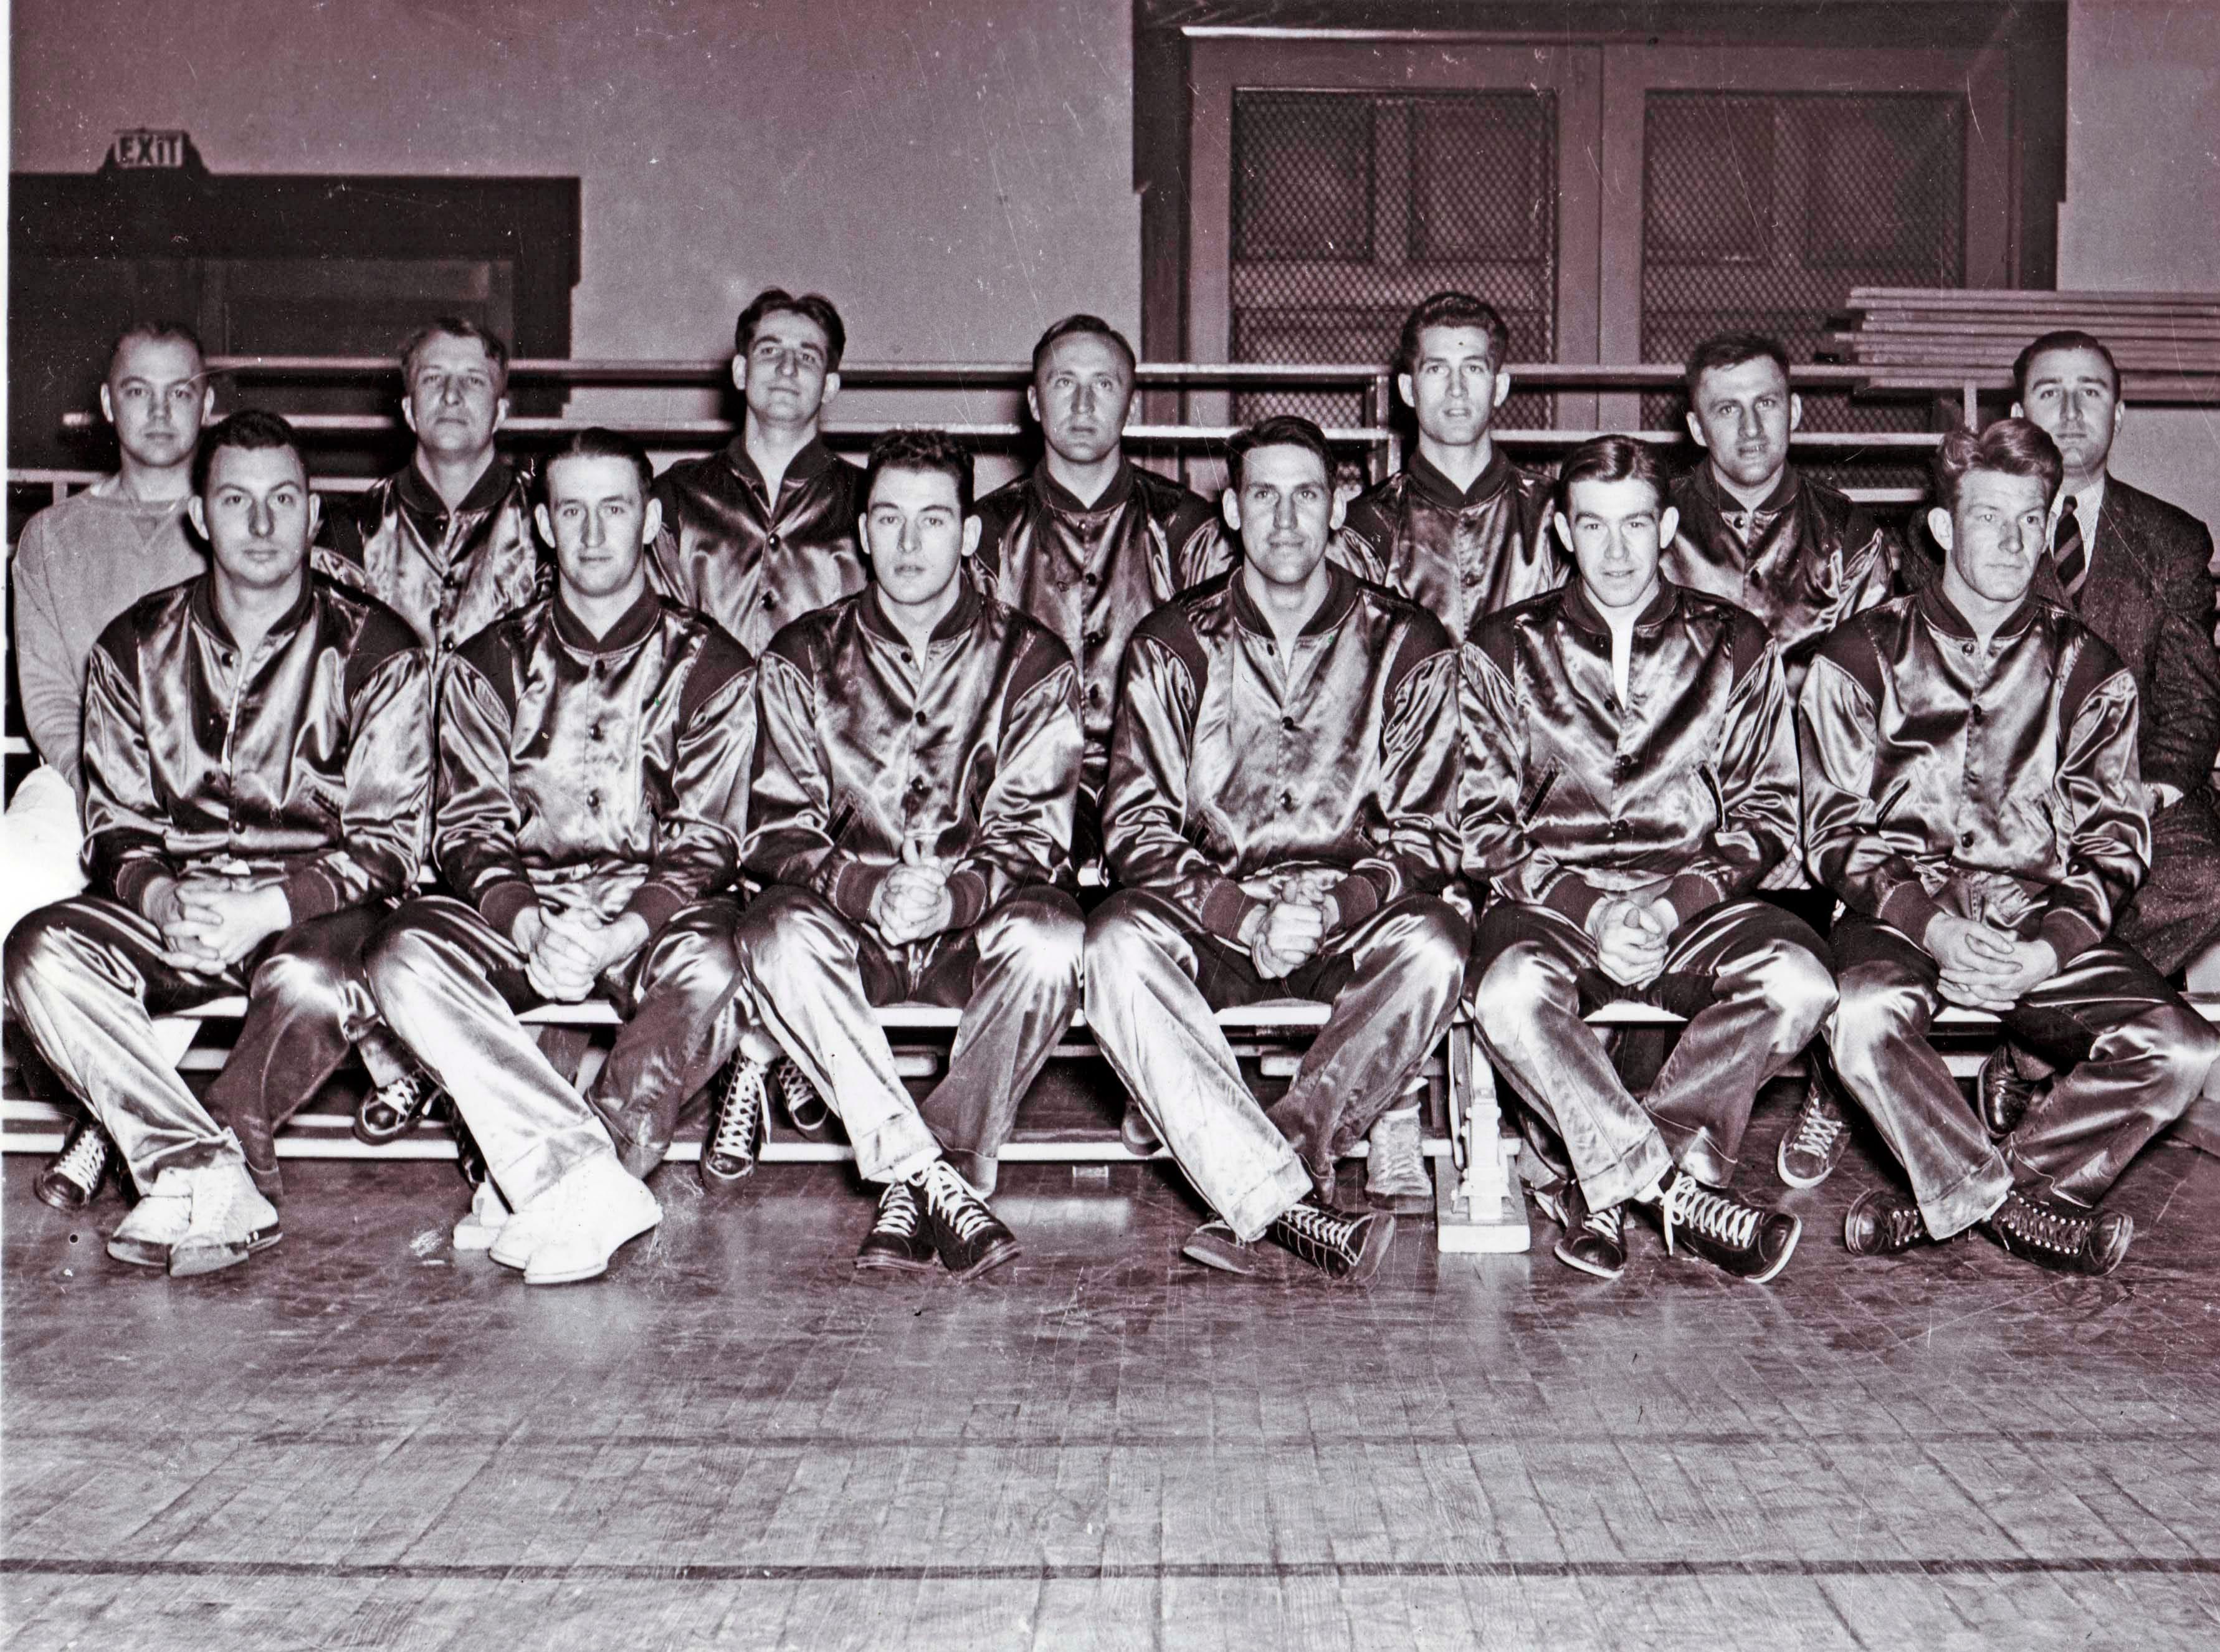 Sheboygan Redskins 1939